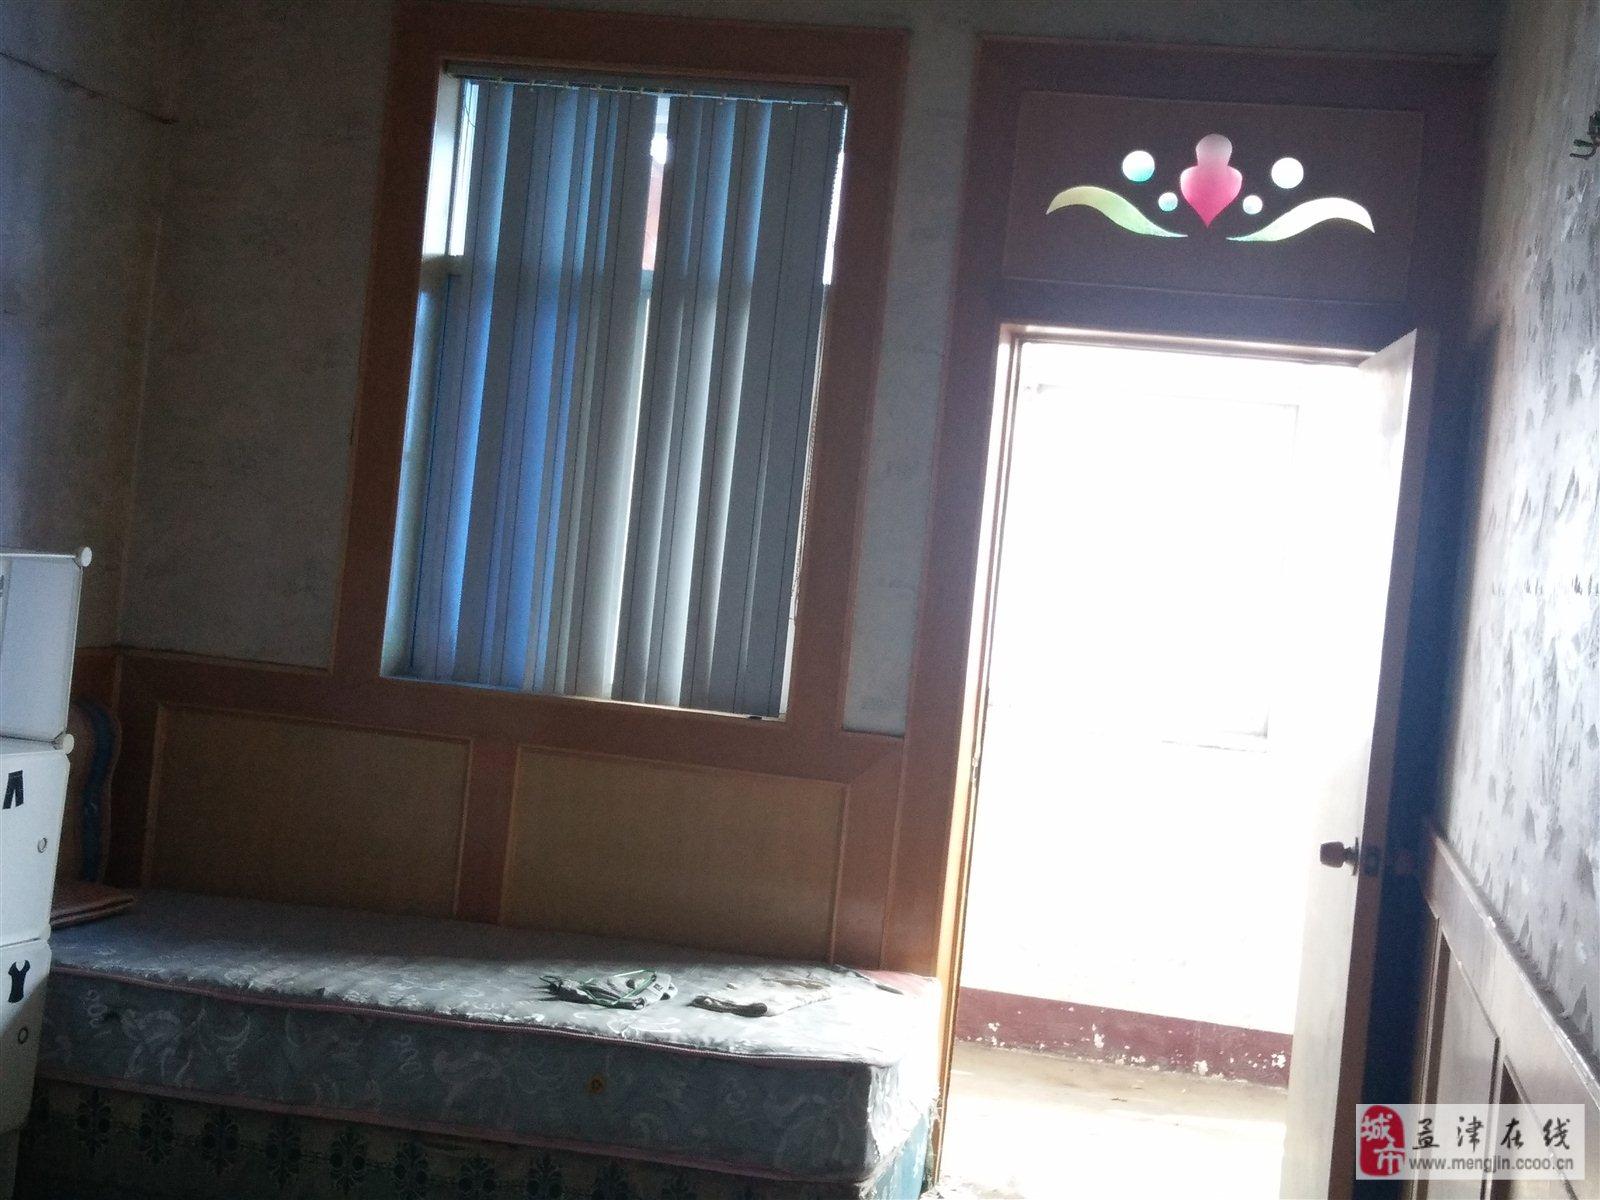 粮食局家属院4室2厅41万元